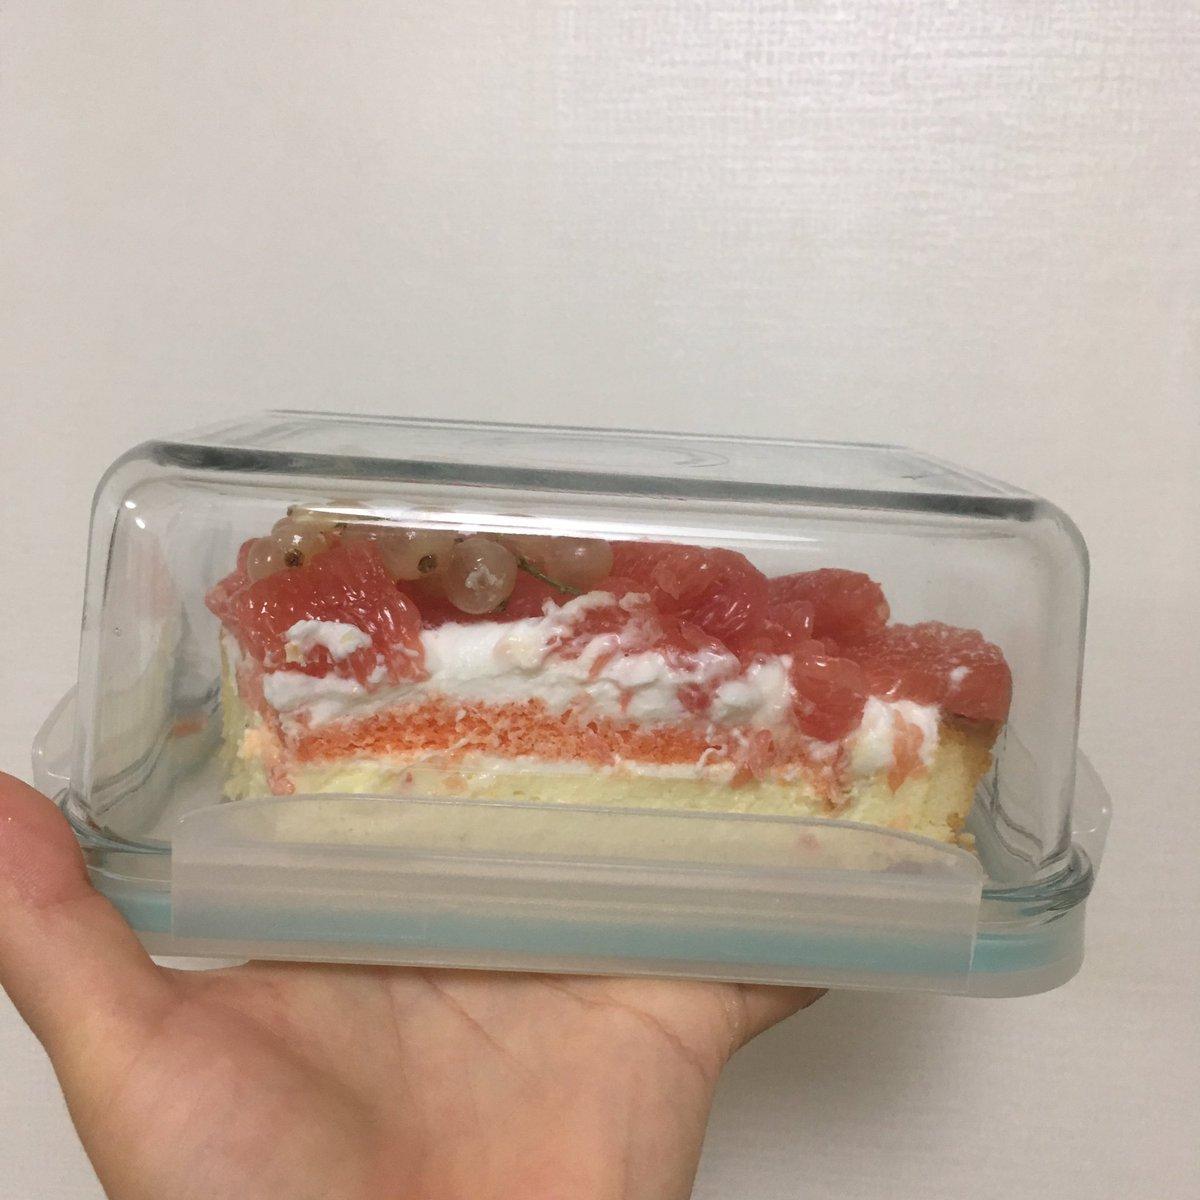 트위터에서 배운거 실천해 보았다. 락앤락 뒤집어서 케이크 통으로. 매우 만족, 드리겠습니다. https://t.co/GoyQDtsfpE